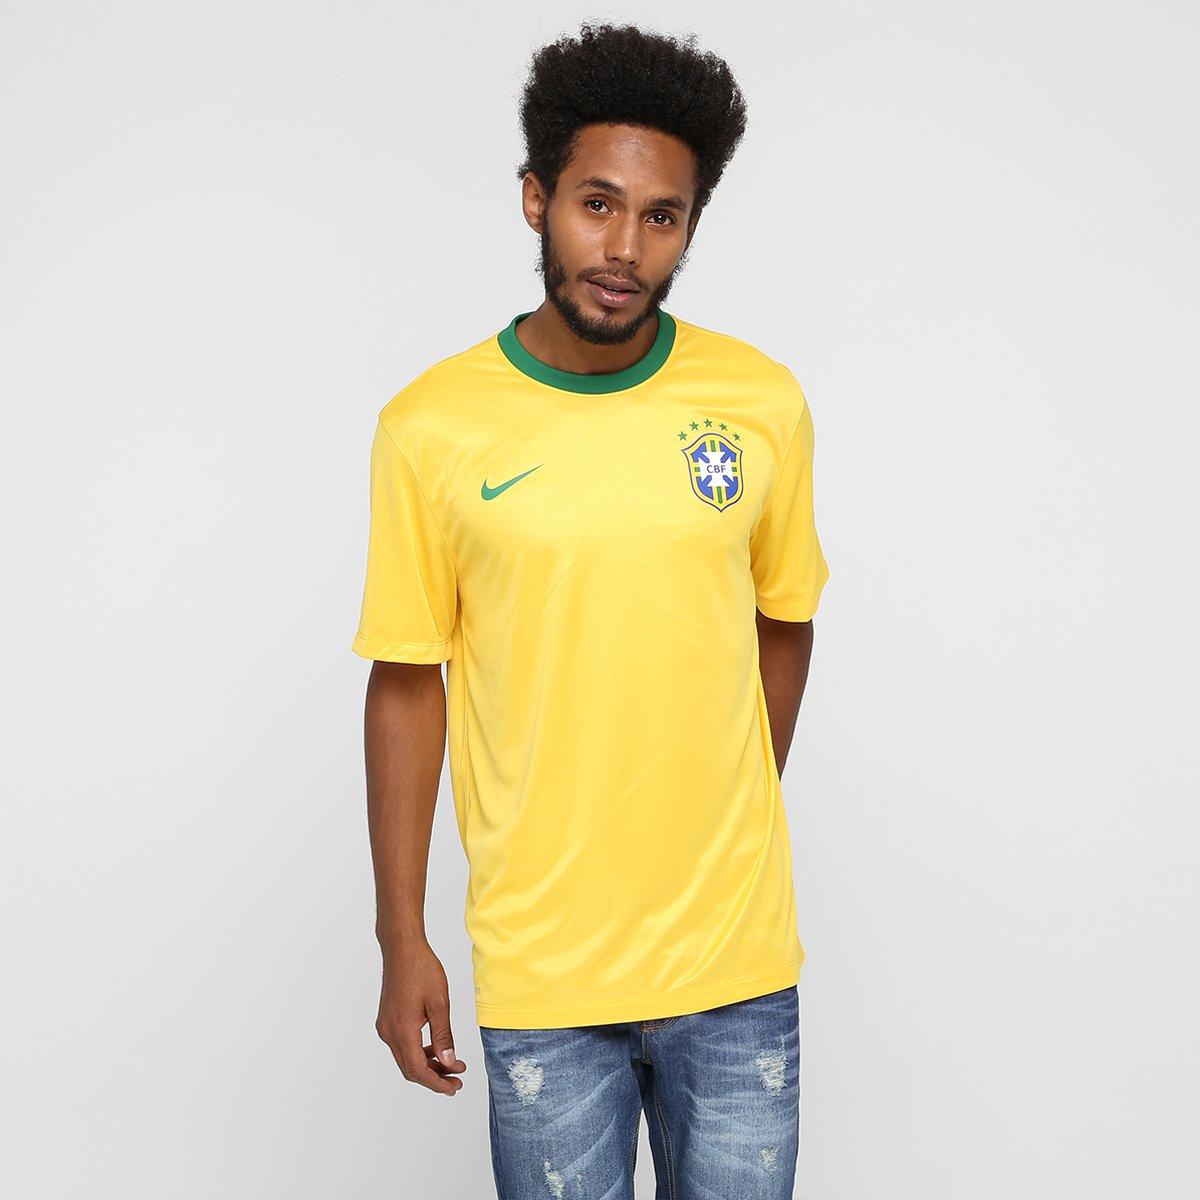 Camiseta Seleção Brasil Nike 2014 Torcedor Masculina - Compre Agora ... f3234958f9a7d